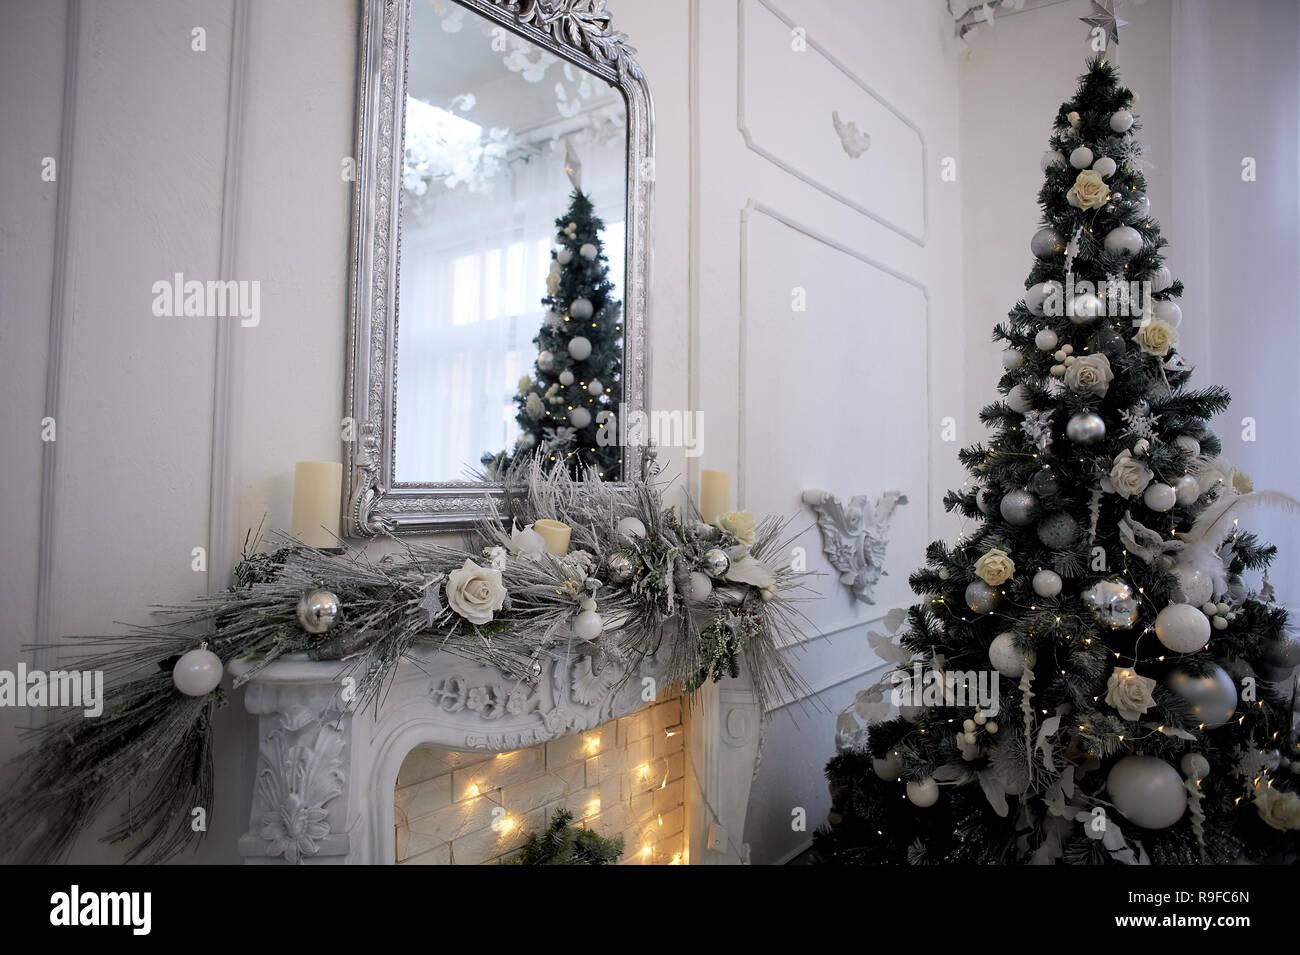 Dekorativer Kamin mit Girlanden geschmückt. Weihnachten Dekoration der house.Comfort Stockbild